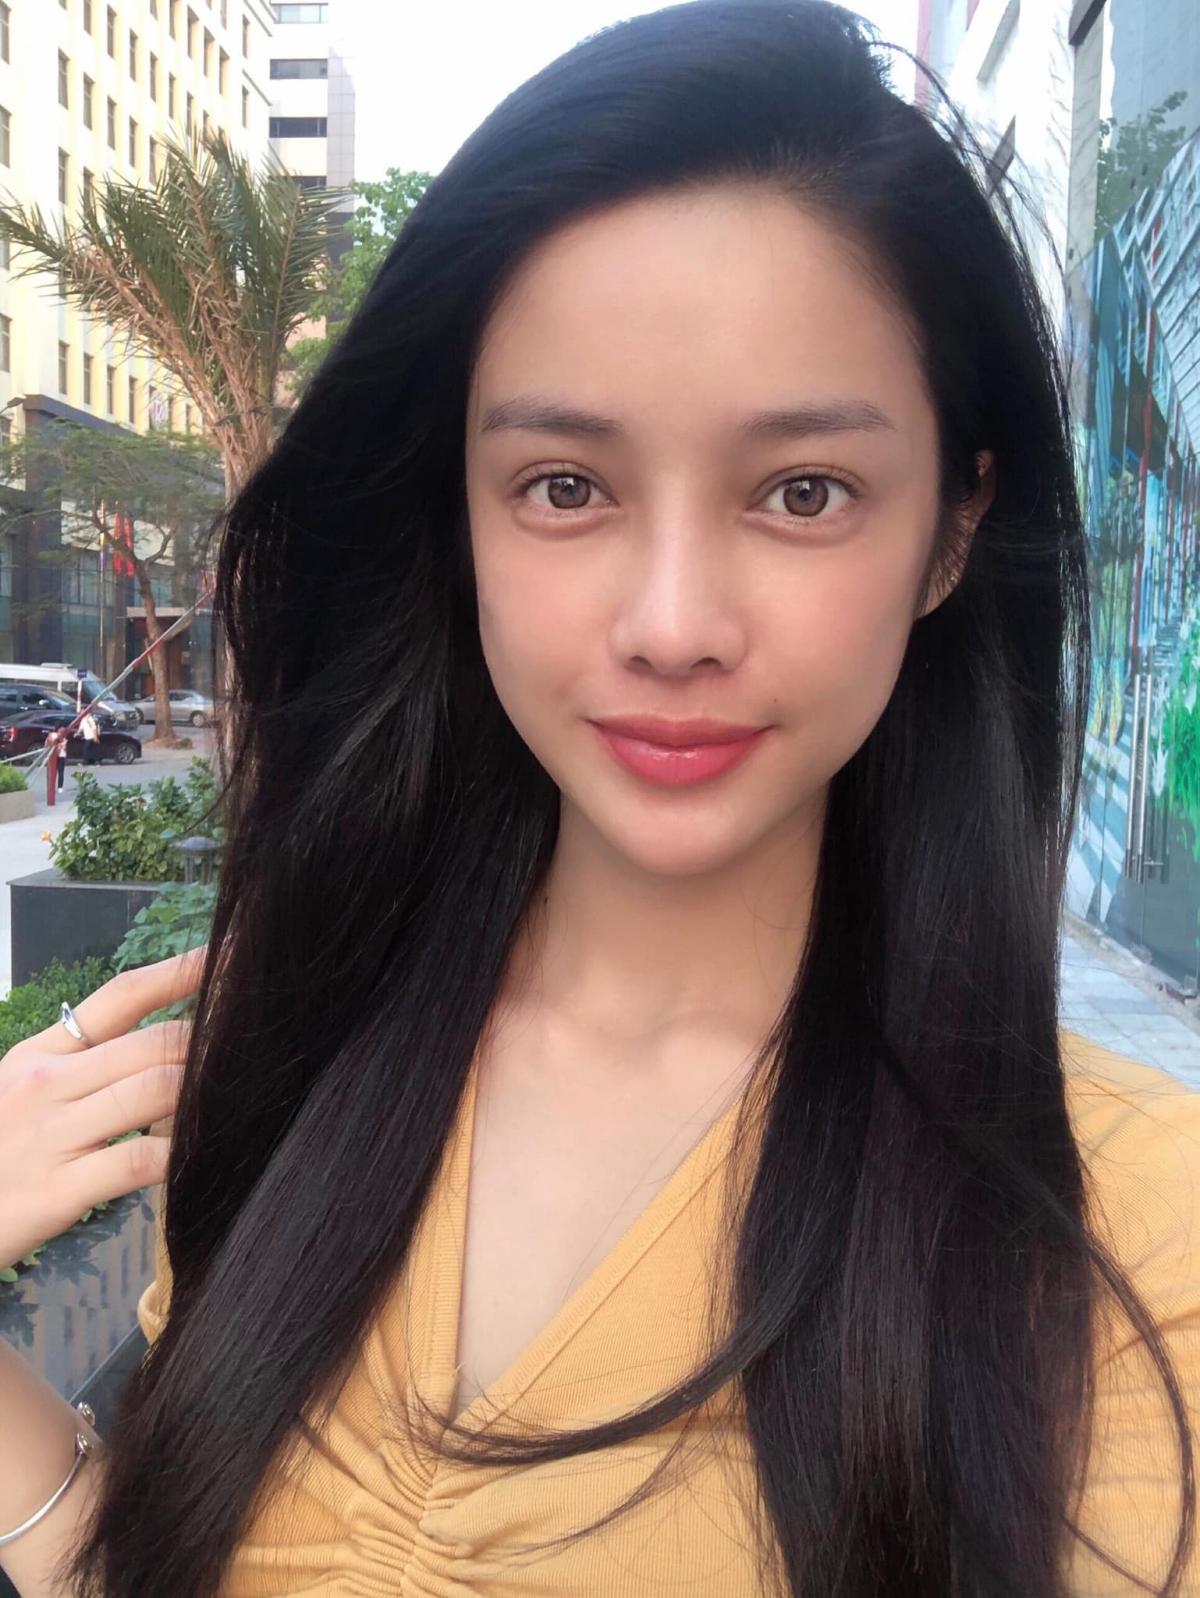 Mỹ Duyên gây ấn tượng khi tham gia The Face 2017 và tiếp tục tạo dấu ấn với khán giả bằng danh hiệu Người đẹp Áo Dài trong cuộc thi Hoa hậu Hoàn vũ Việt Nam 2017.